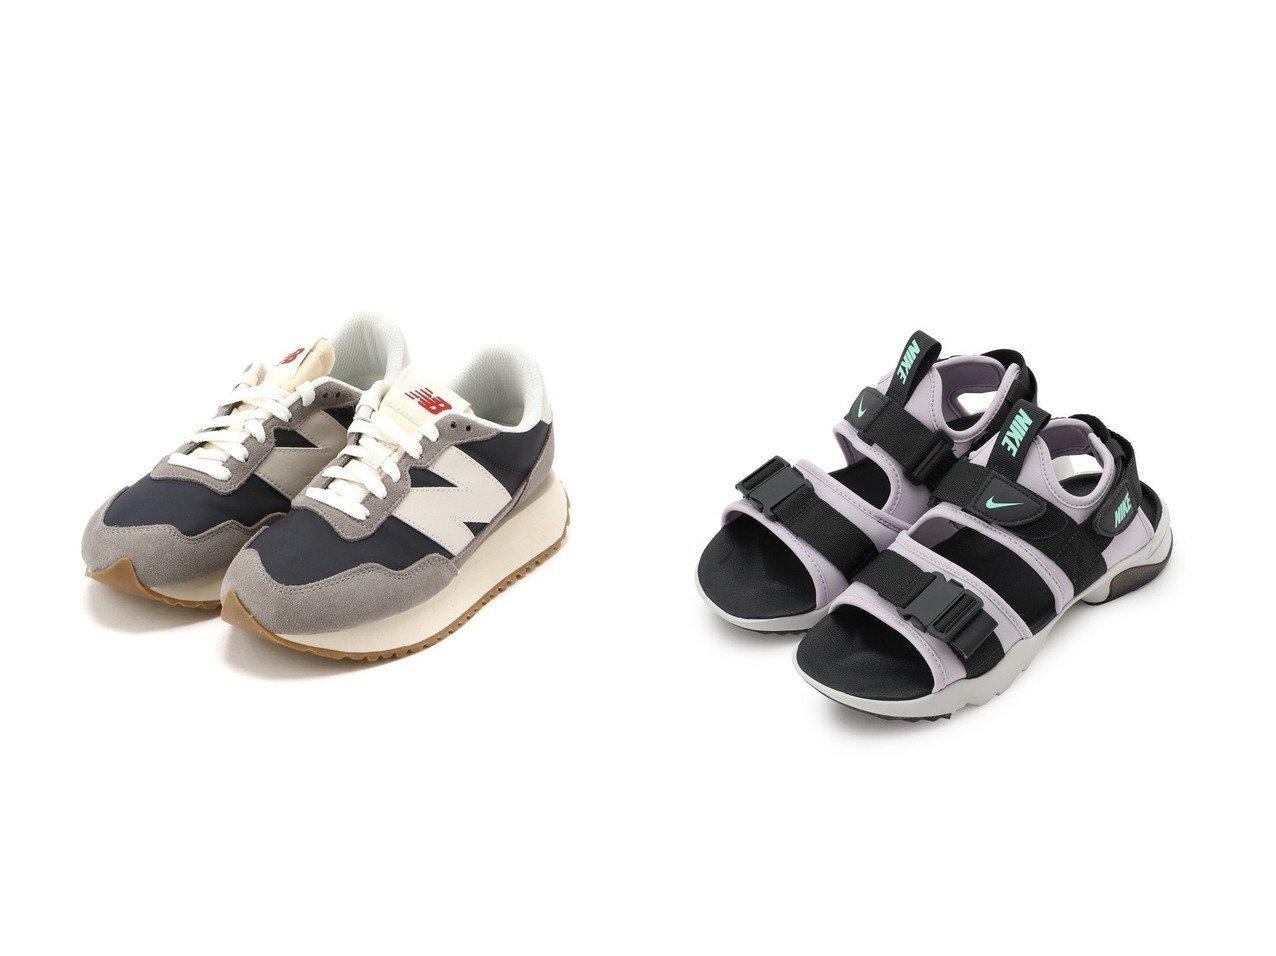 【NIKE/ナイキ】の【NIKE】ナイキ キャニオン ウィメンズサンダル&【new balance/ニューバランス】のM237 【シューズ・靴】おすすめ!人気、トレンド・レディースファッションの通販 おすすめで人気の流行・トレンド、ファッションの通販商品 インテリア・家具・メンズファッション・キッズファッション・レディースファッション・服の通販 founy(ファニー) https://founy.com/ ファッション Fashion レディースファッション WOMEN NEW・新作・新着・新入荷 New Arrivals シューズ スニーカー スリッポン サンダル スタイリッシュ フィット フォーム ミュール ラップ ラバー 夏 Summer |ID:crp329100000047555